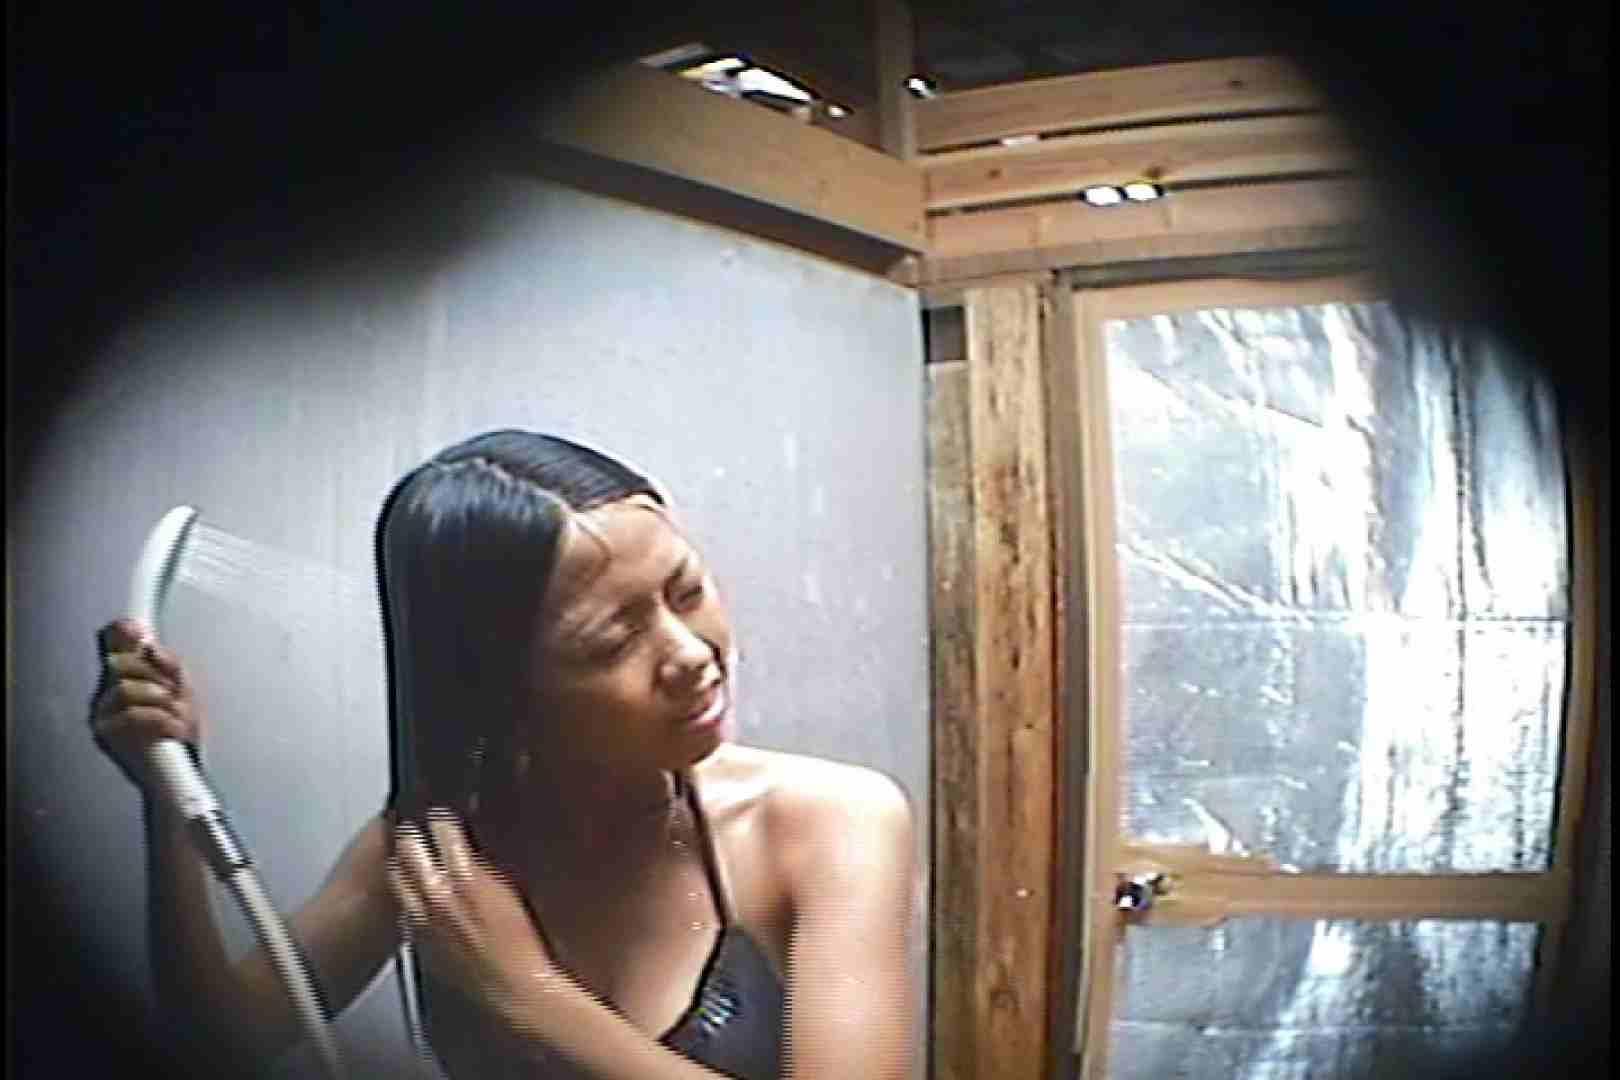 海の家の更衣室 Vol.45 美女  90pic 45